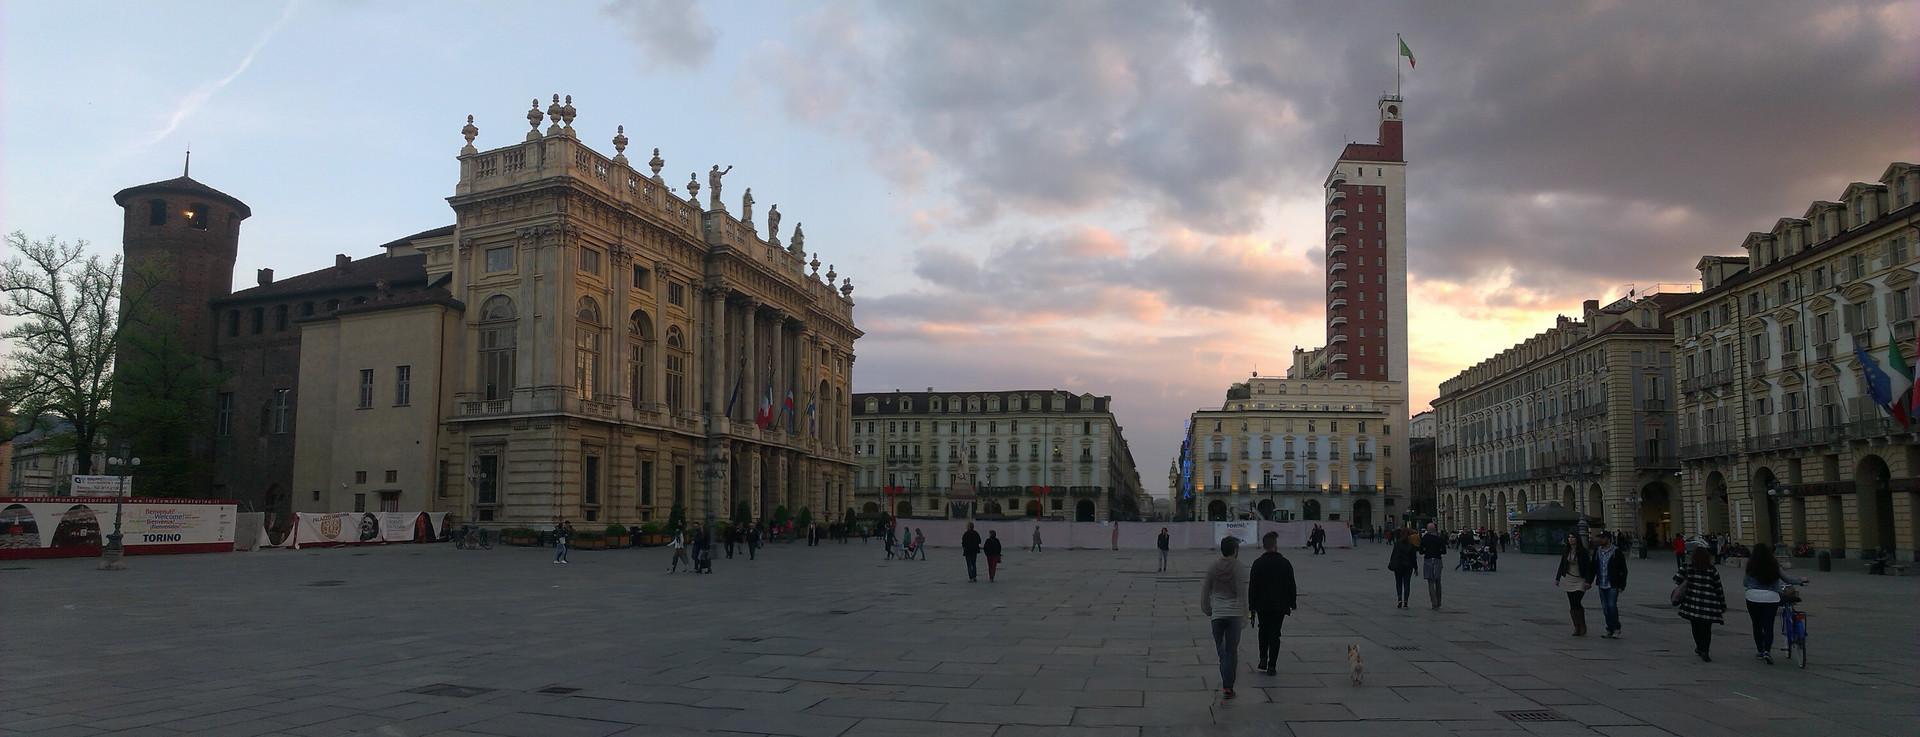 esperienza-torino-italia-edo-ba22320bff5